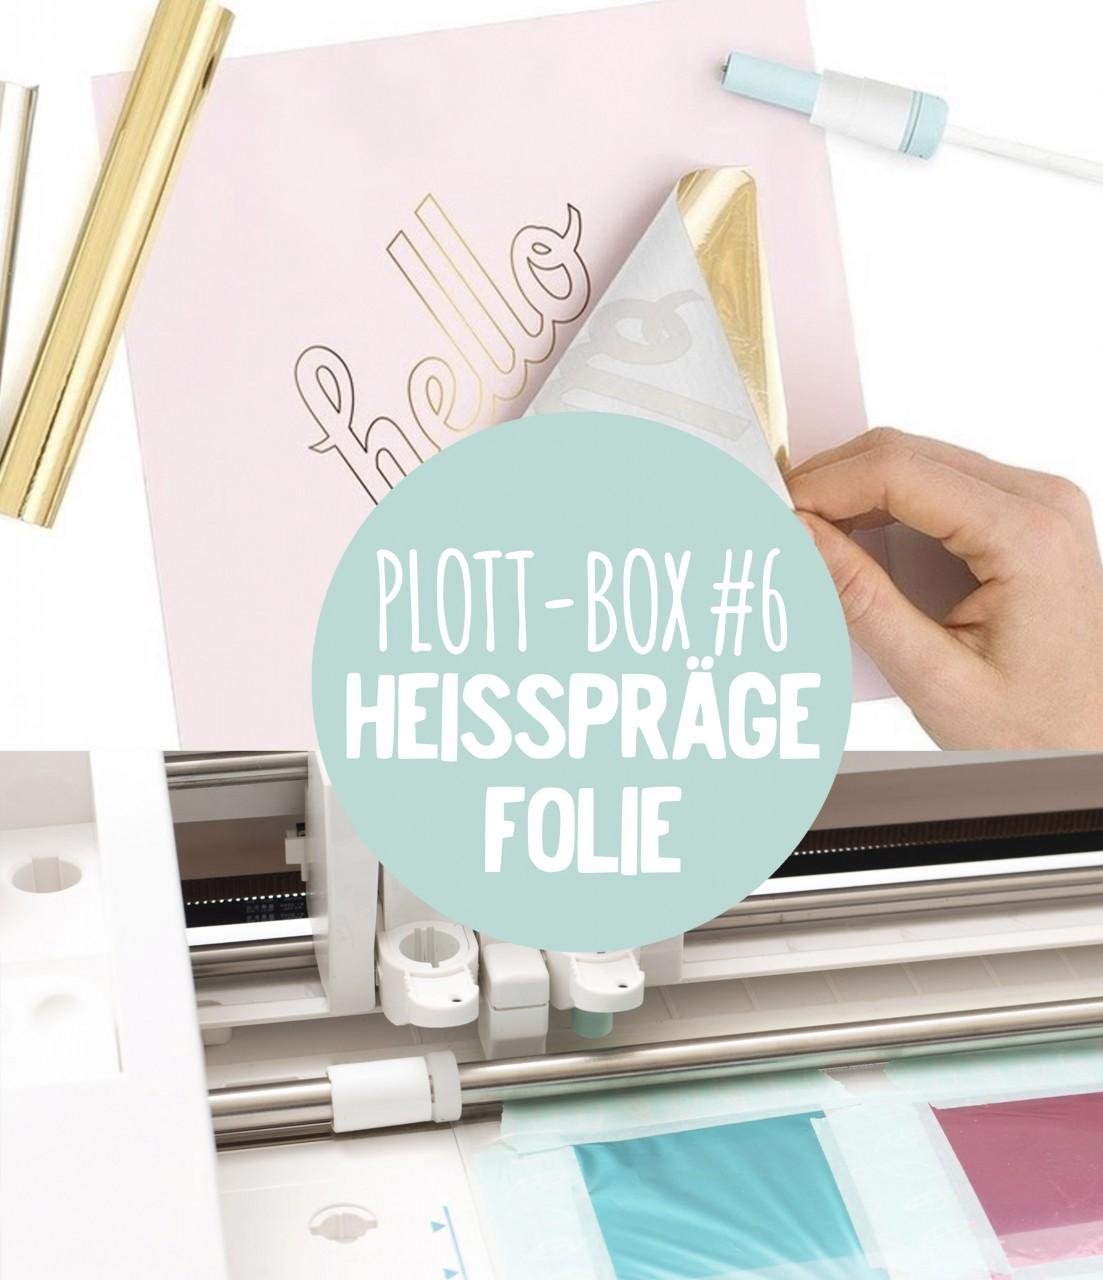 Deine Plottbox #6  *Heißfolien Prägung* - DIY Projekte für den Plotter inkl. Vorlagen, Material